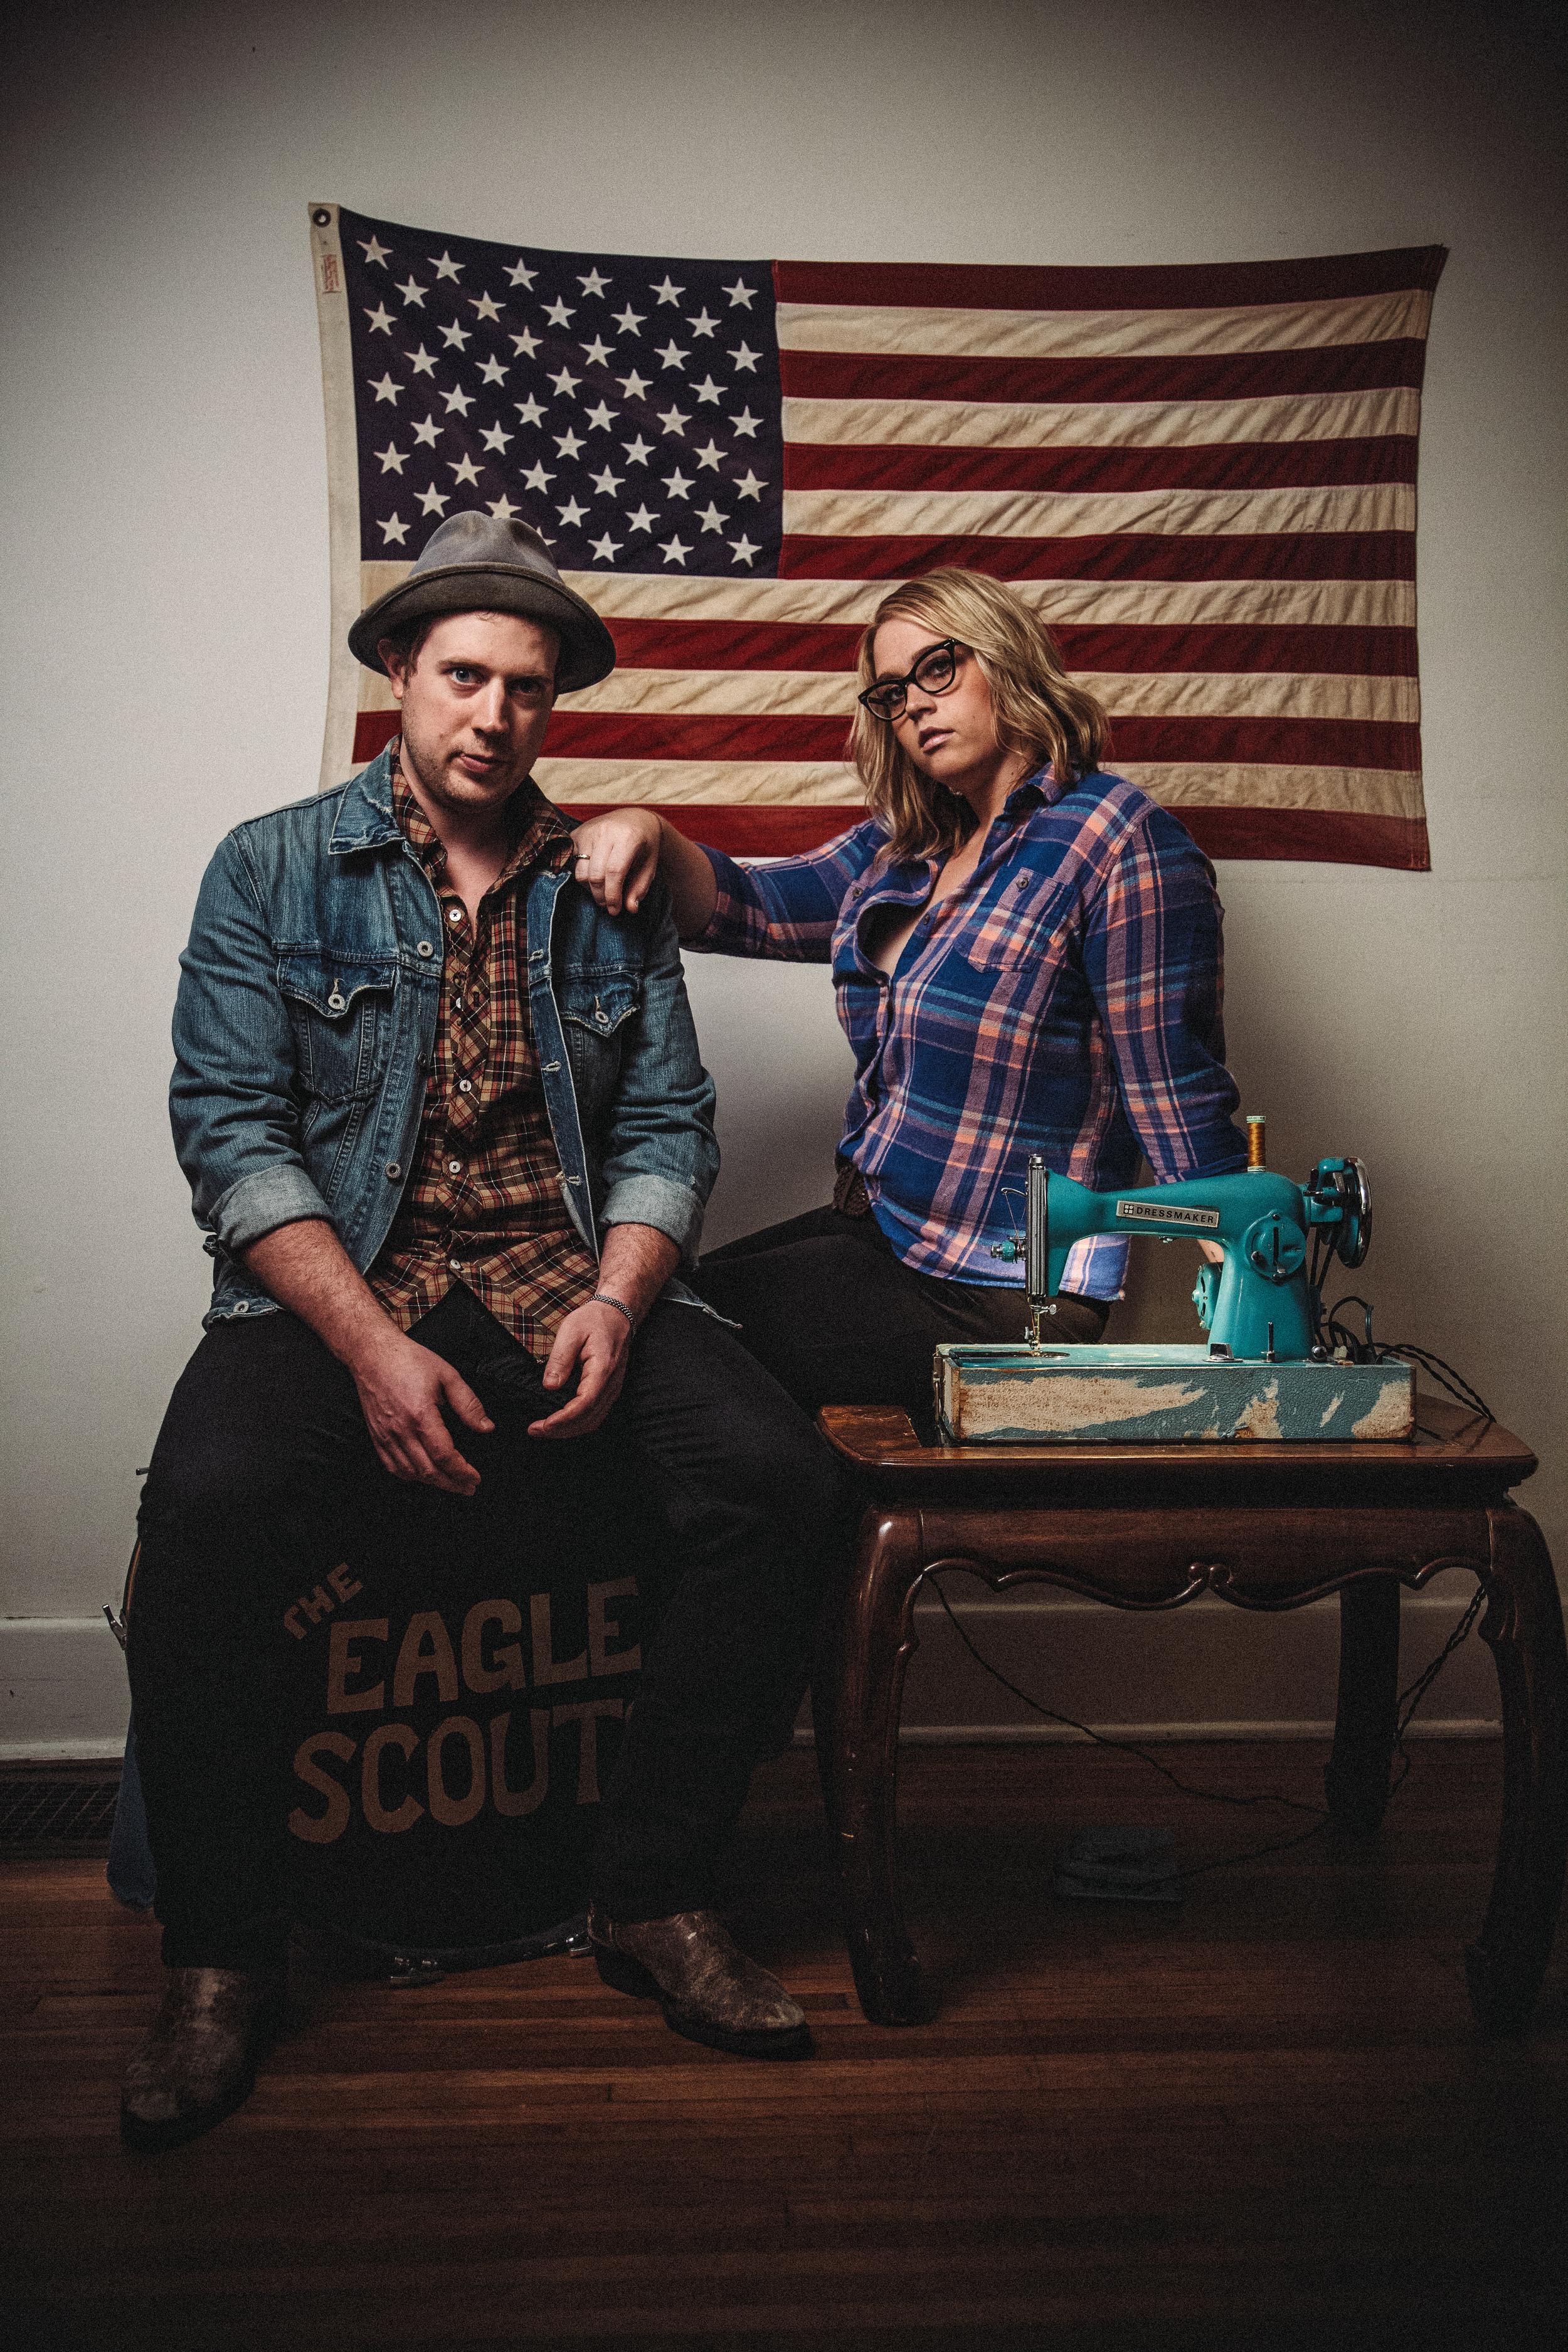 Designers Eric Davis and Sarah Mallory